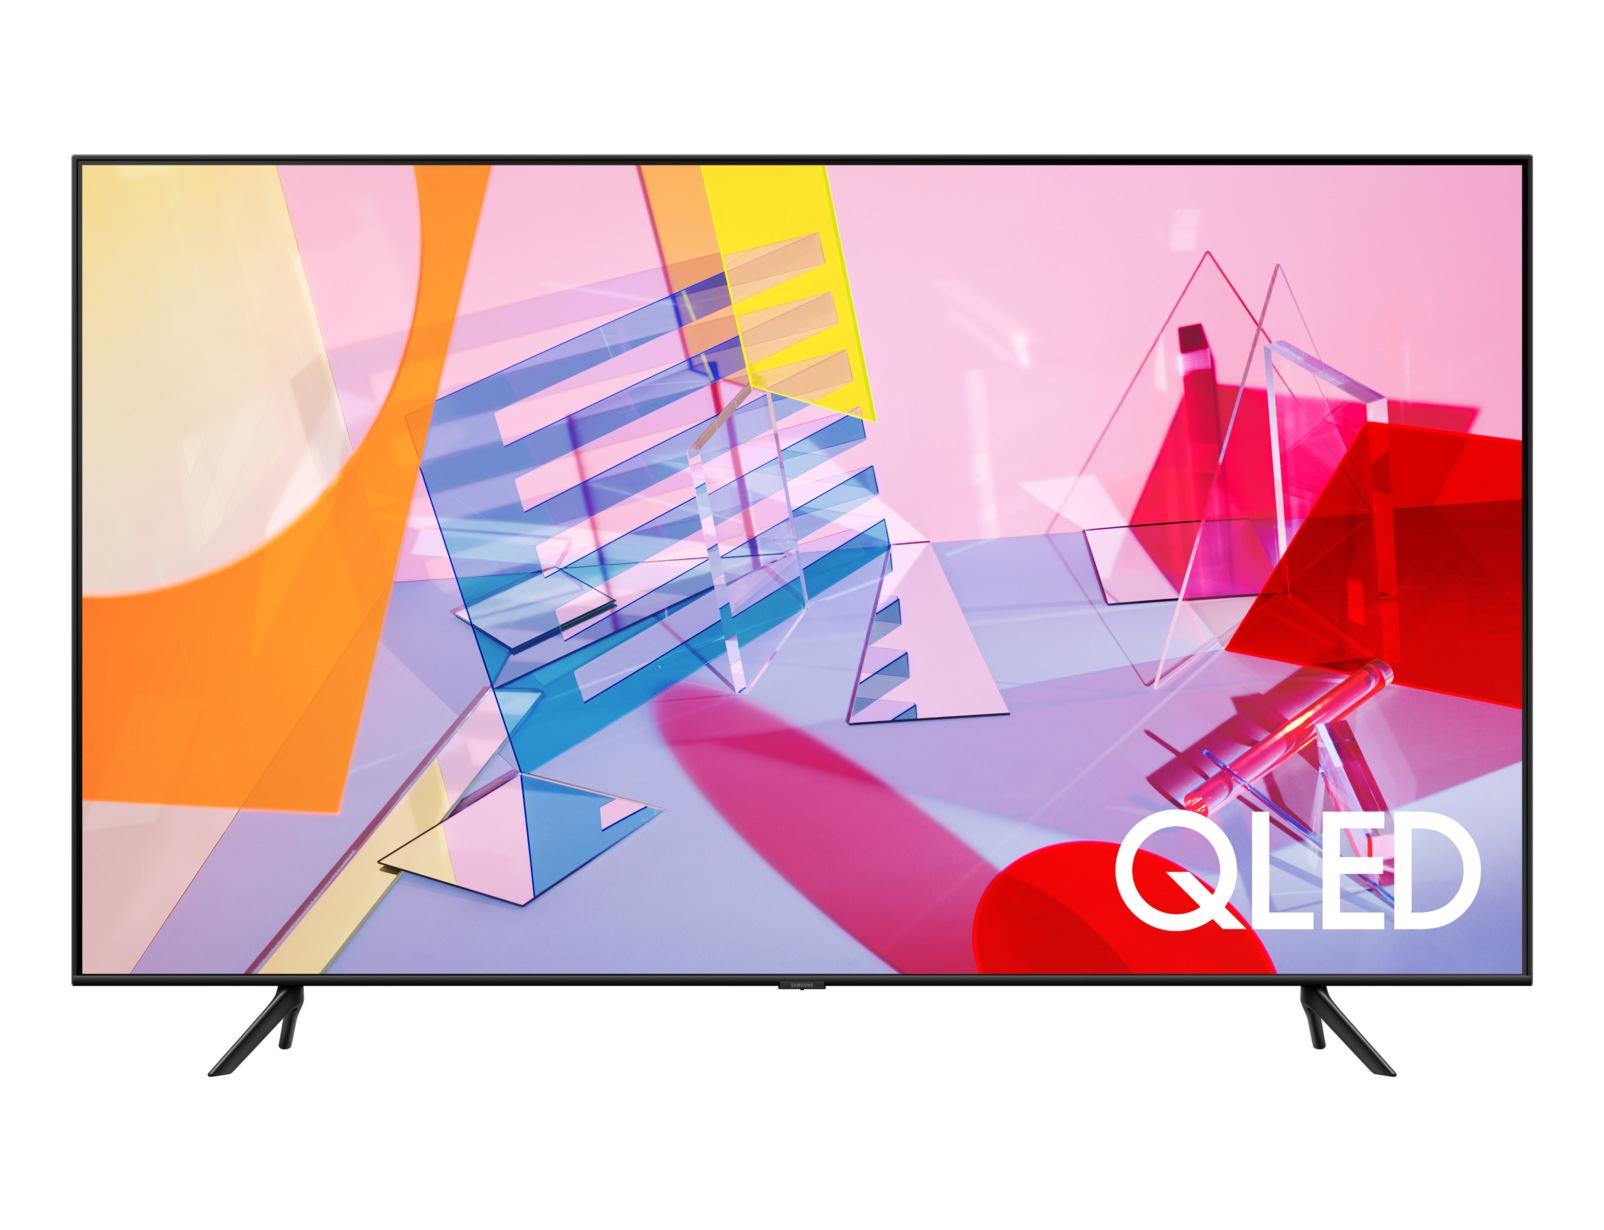 """QLED TV 55"""" UHD SMART QUANTUM HDR LITE"""